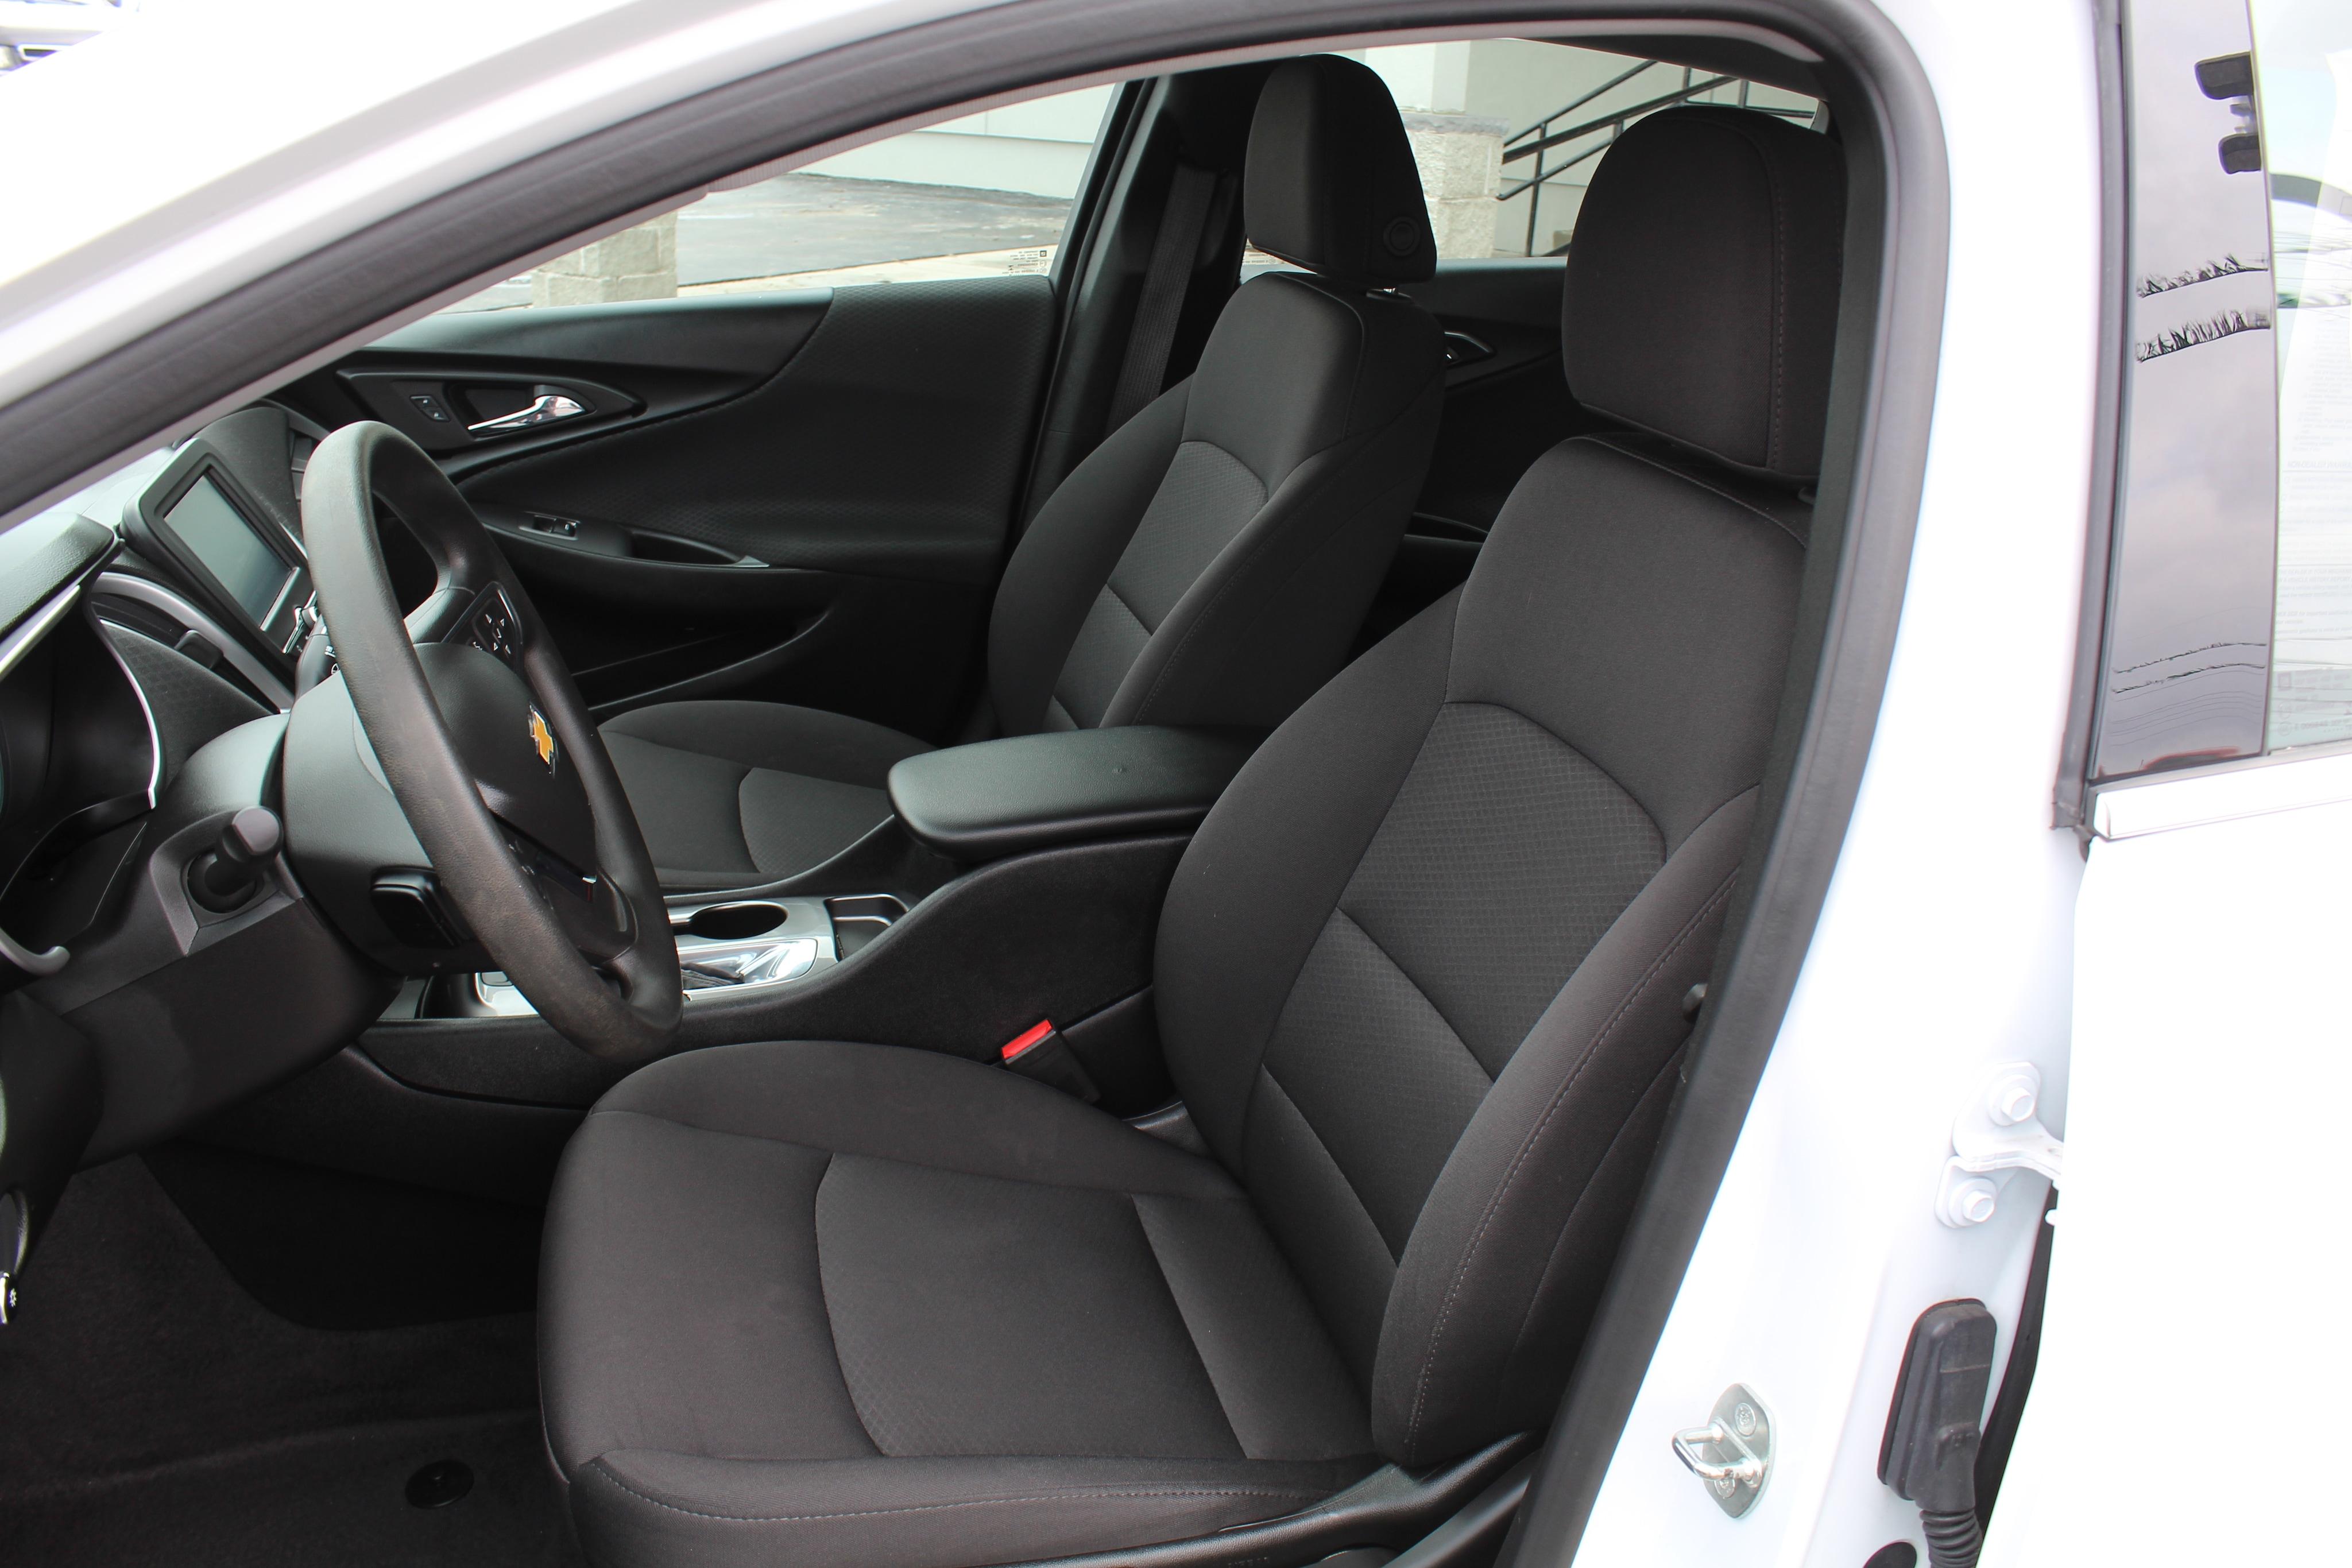 2018 Chevrolet Malibu 4dr Car